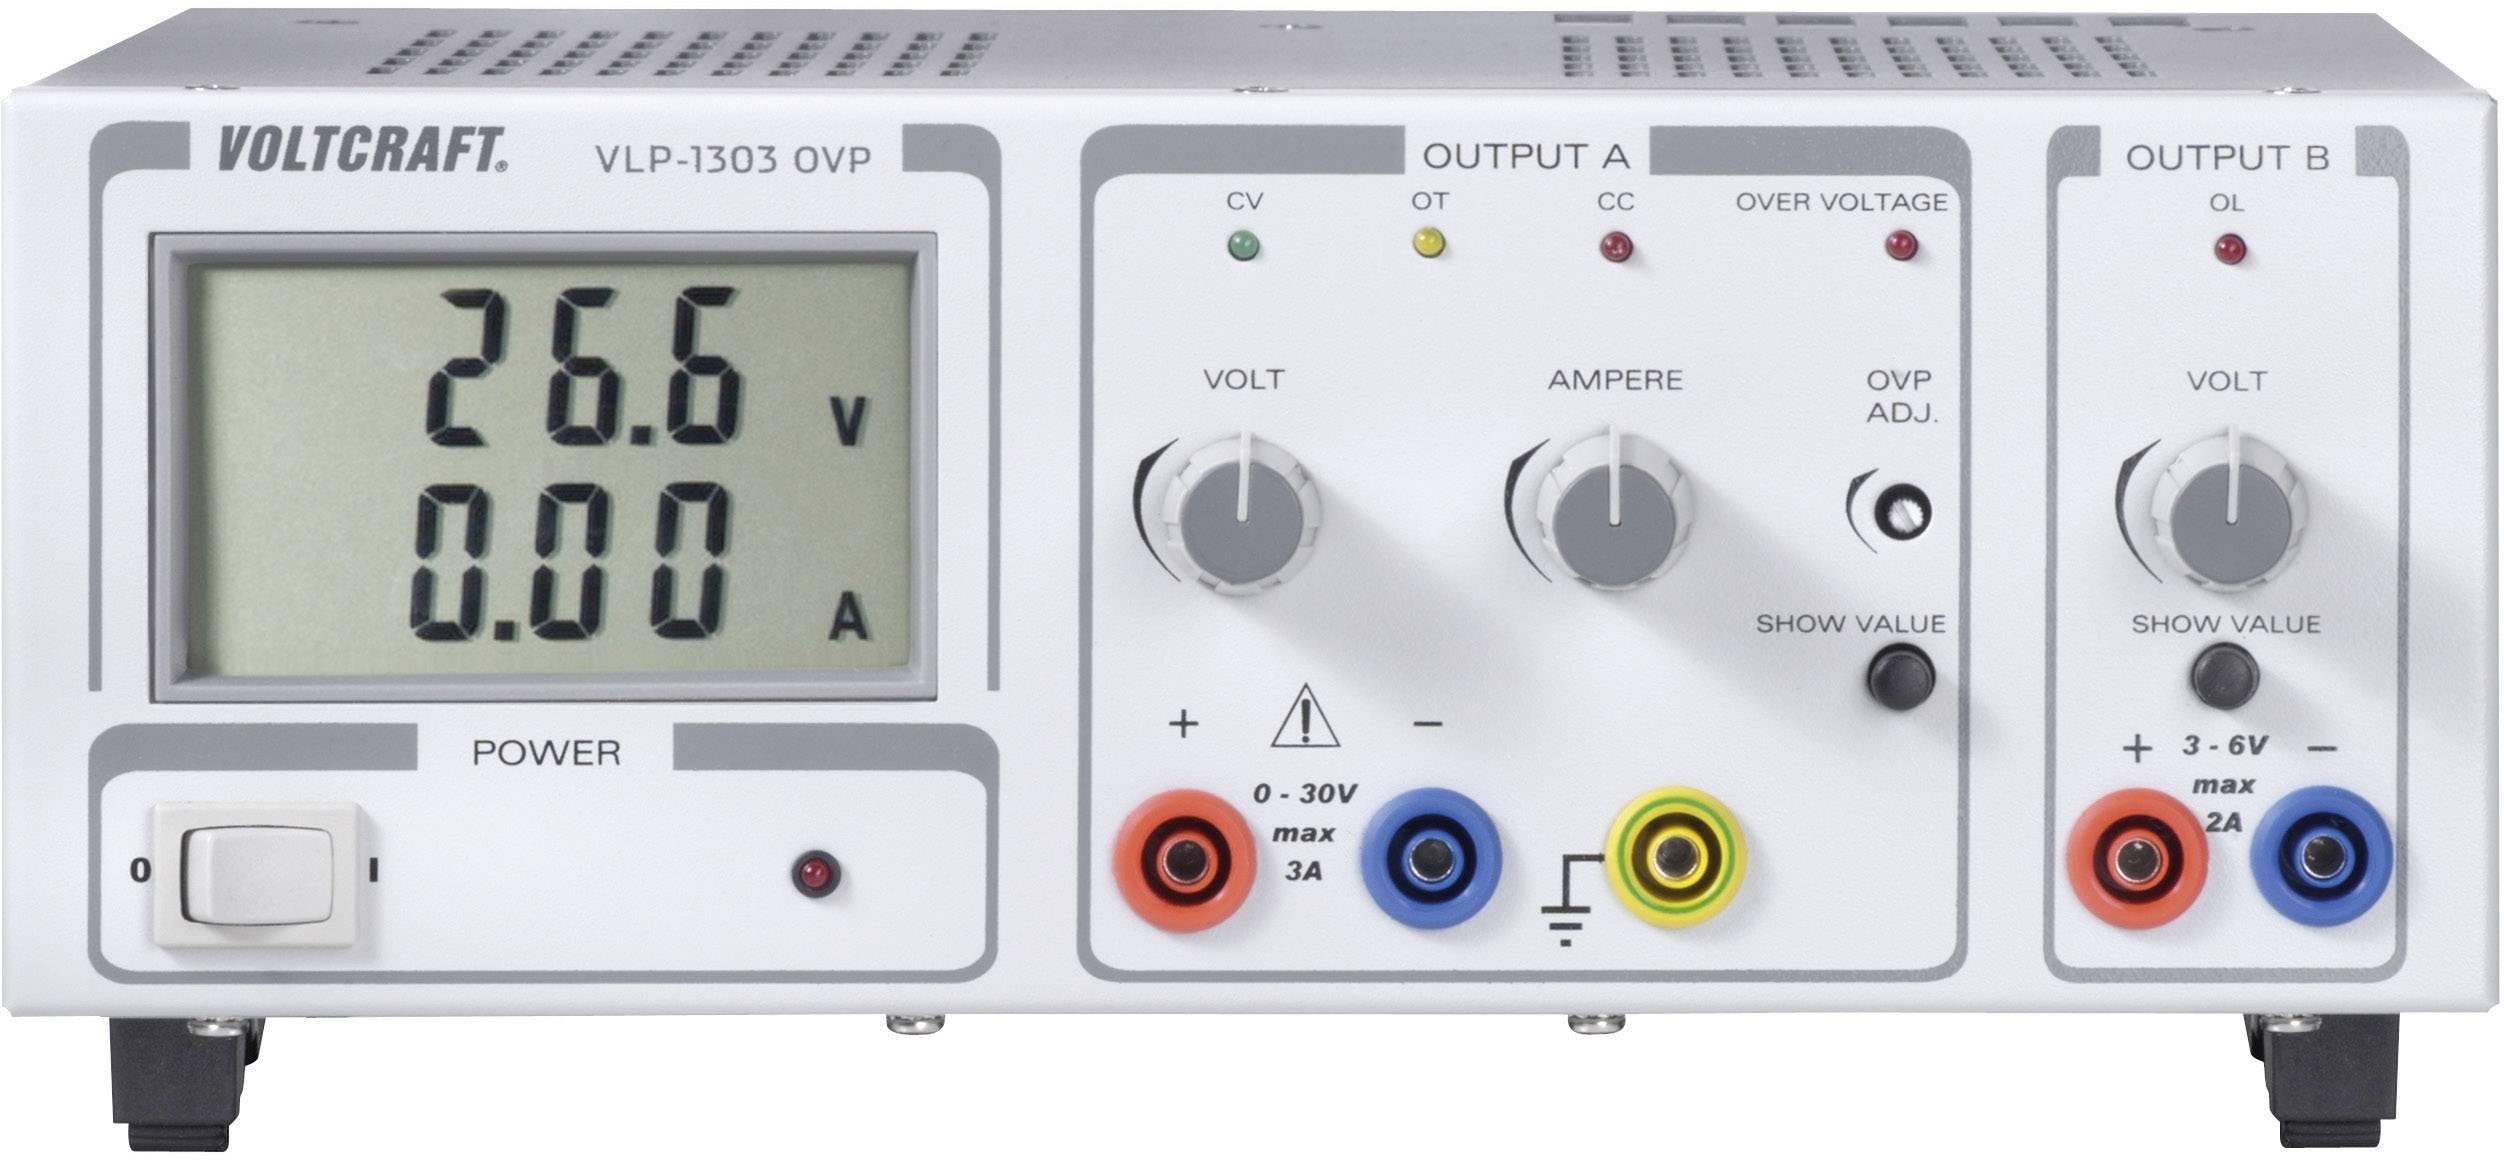 Lineárny laboratórny sieťový zdroj Voltcraft VLP 1303 OVP, 0 - 30 V, 0 - 3 A